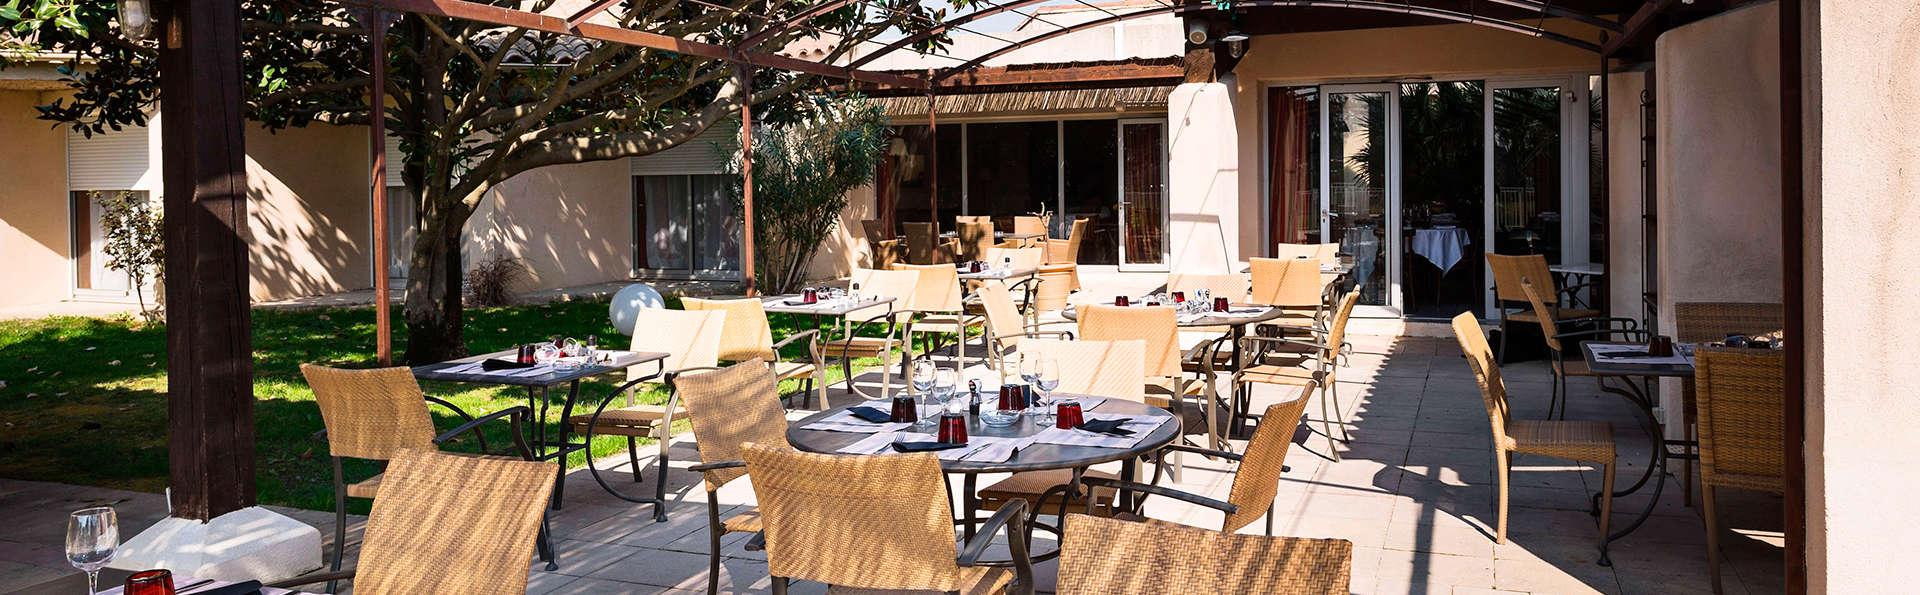 Parenthèse épicurienne avec dîner et dégustation près d'Avignon (à partir de 2 nuits)